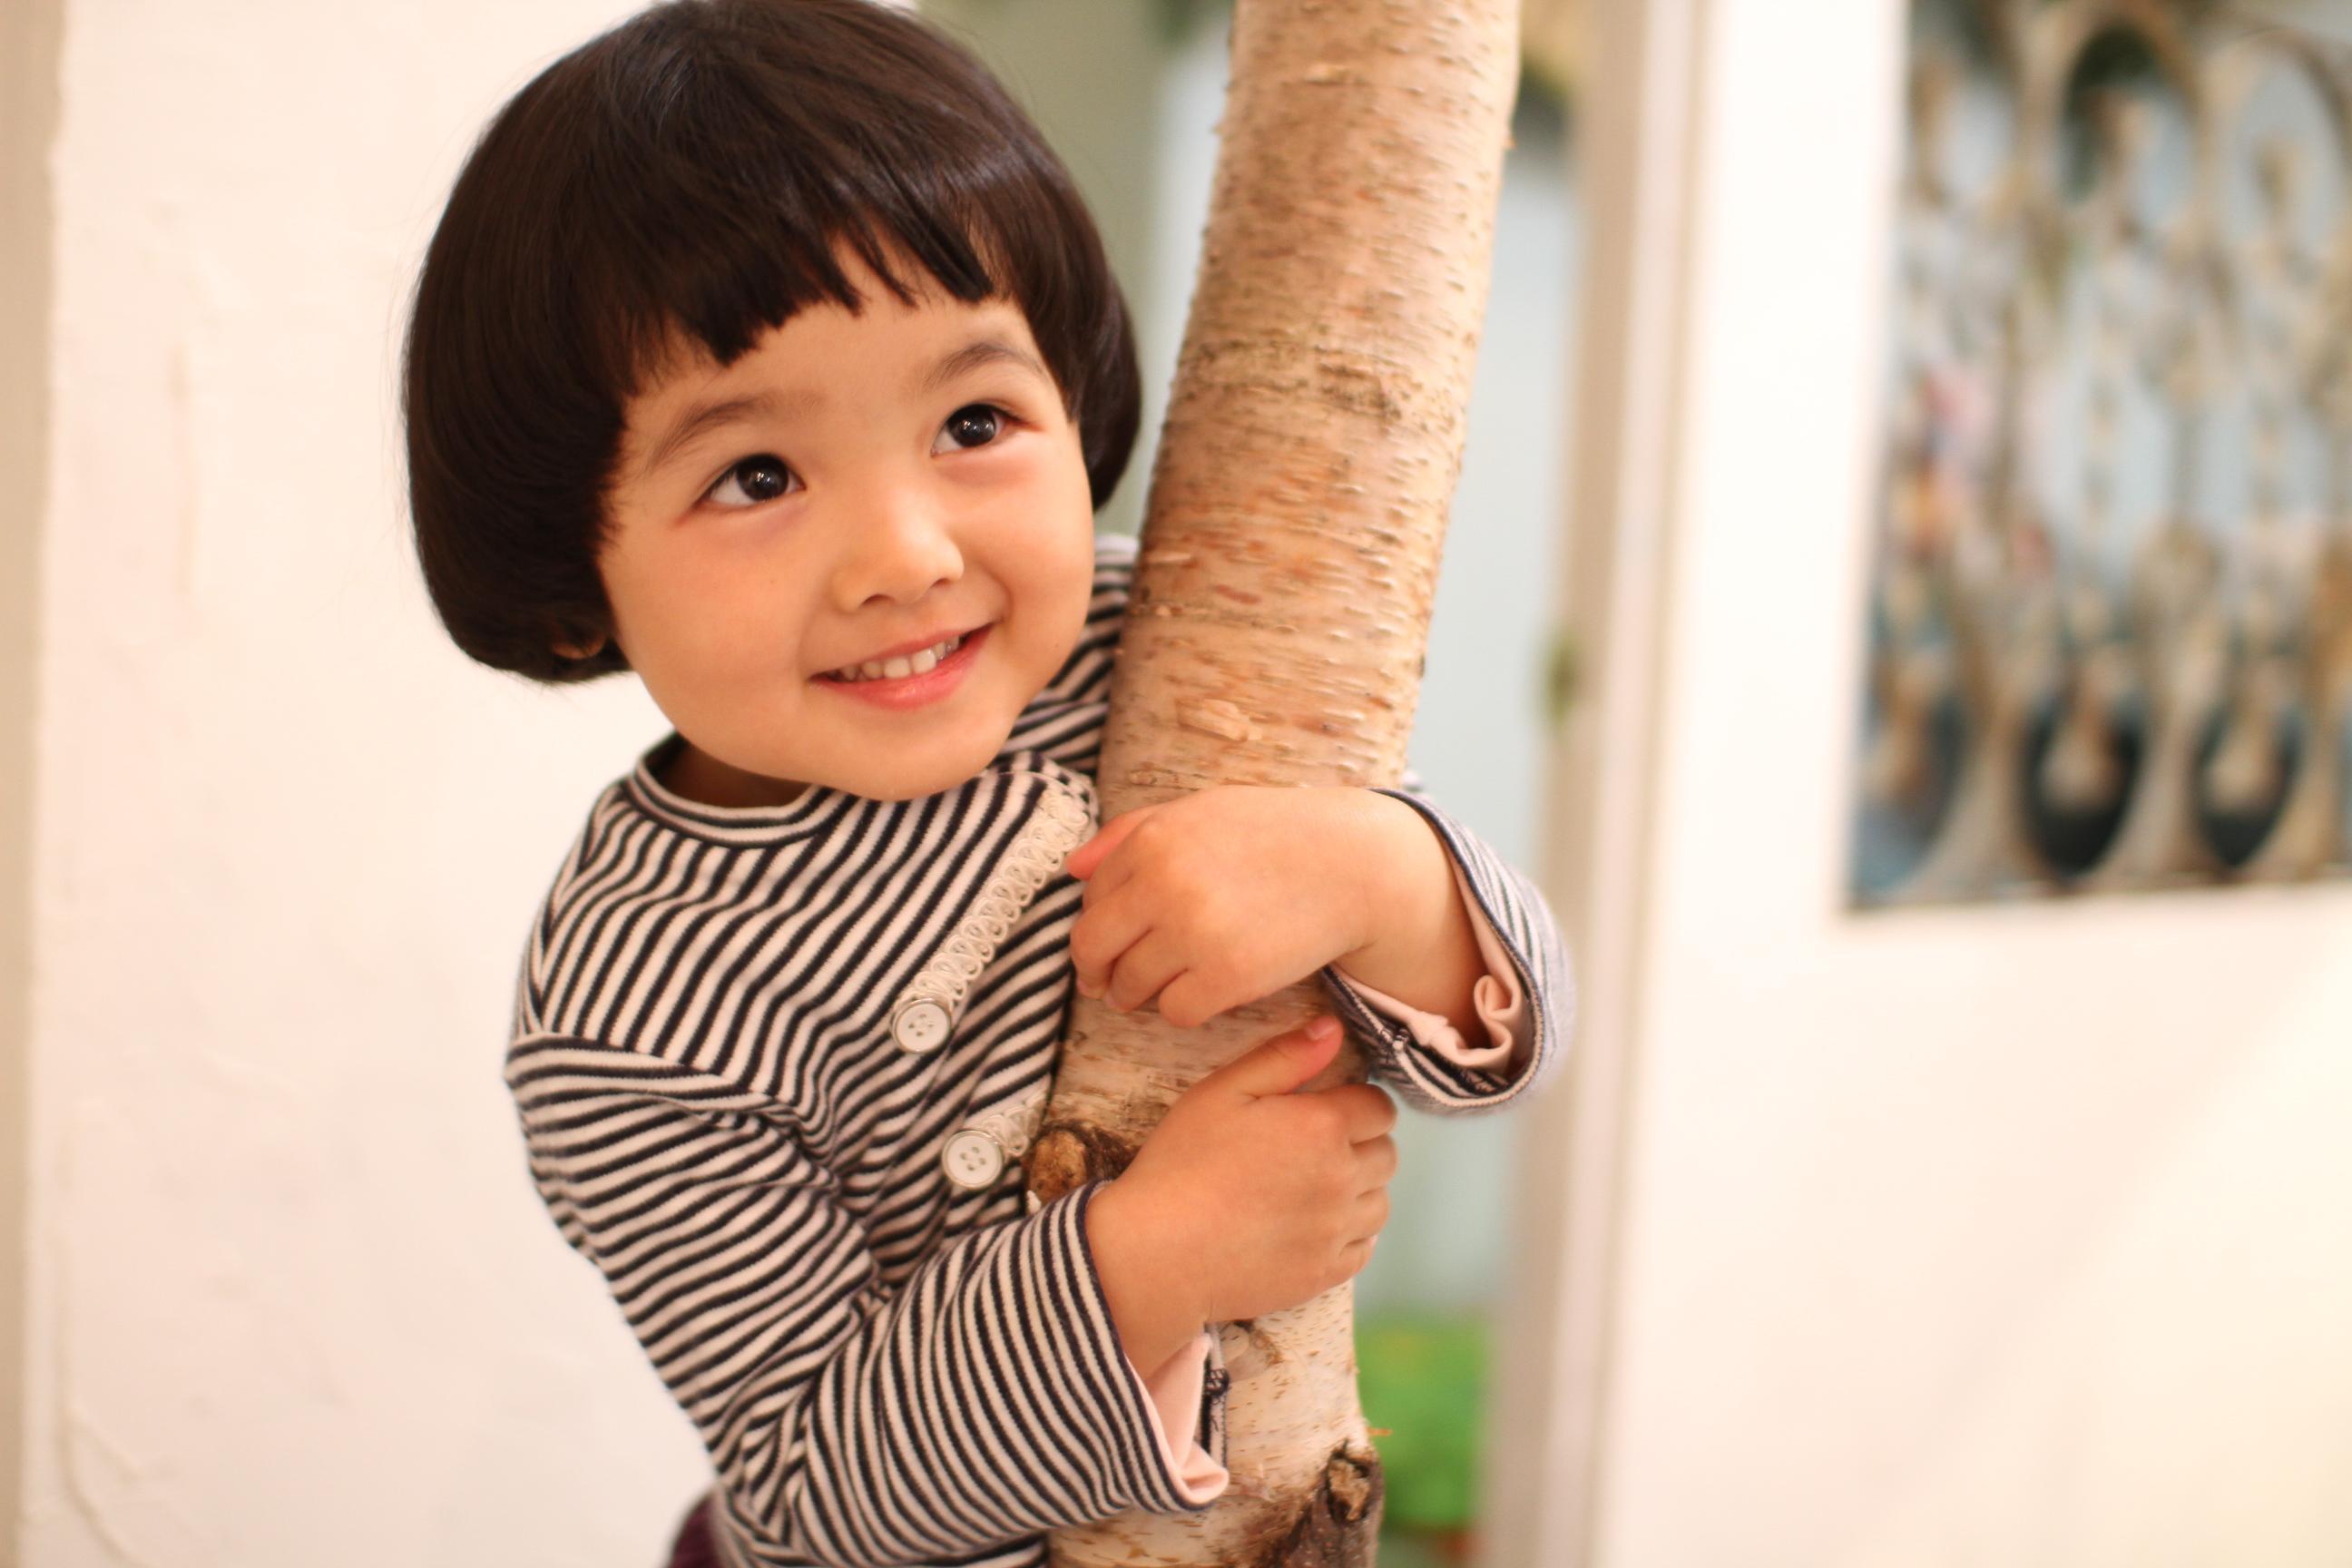 出典 http//www.onico.jp/uimages/IMG_41101